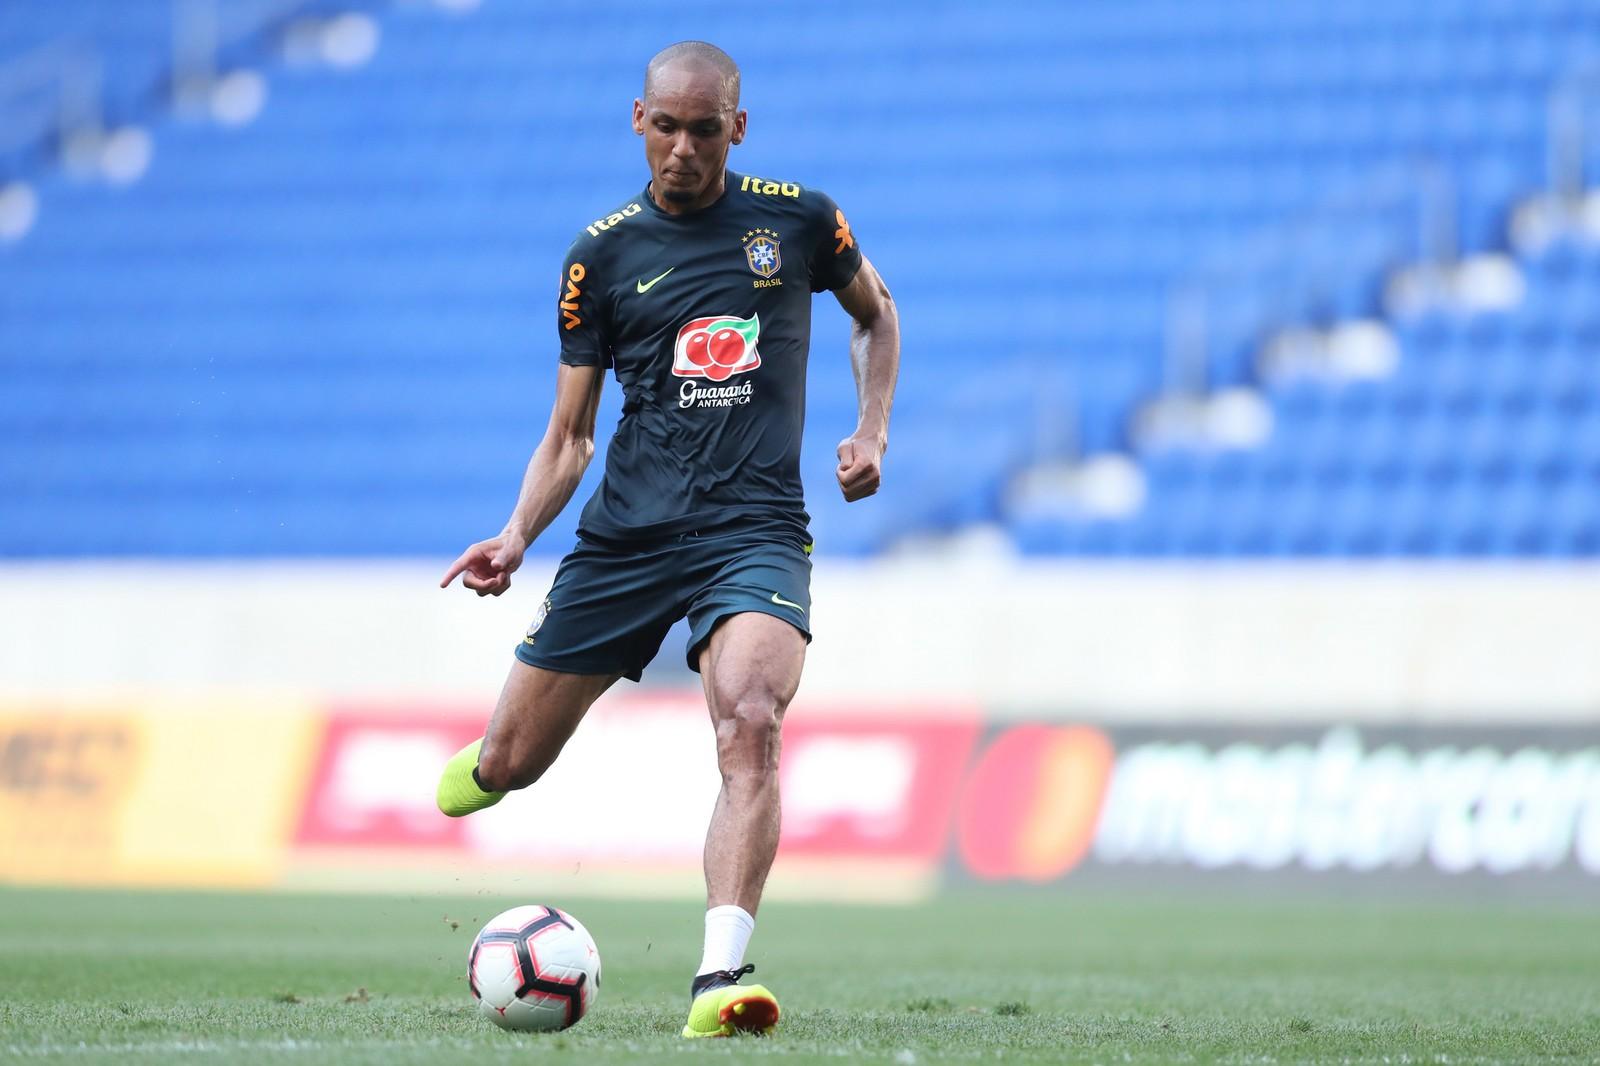 De volta à Seleção, Fabinho admite que mudança de posição lhe afastou da Copa